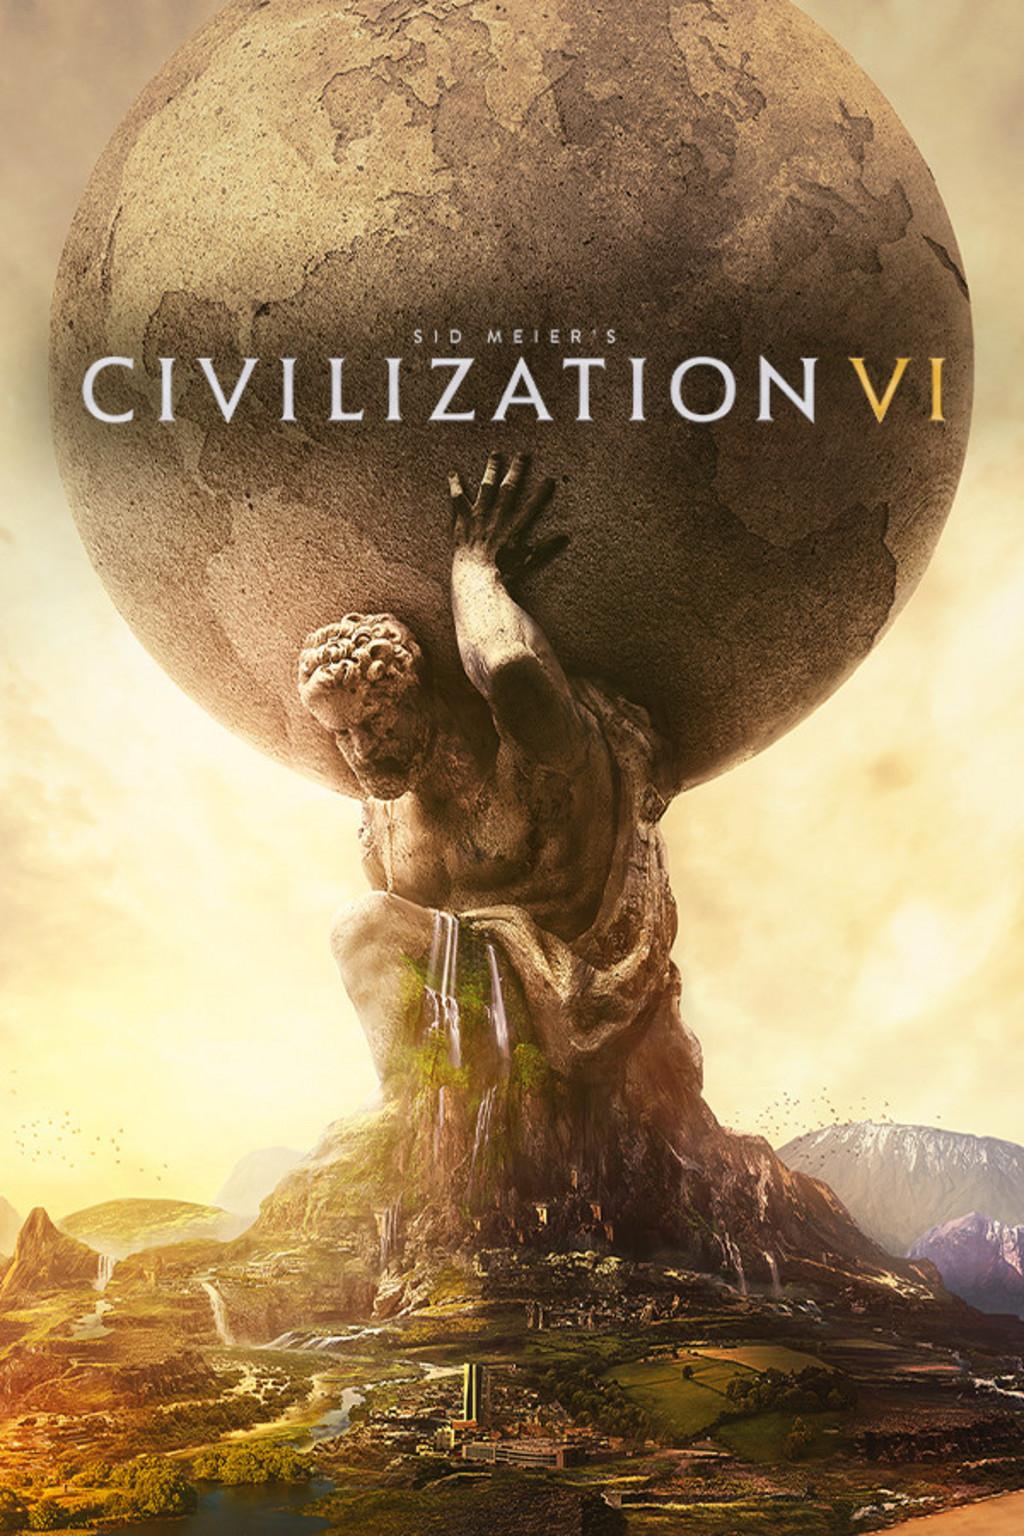 CIVILIZATION VI Launch Trailer Image'